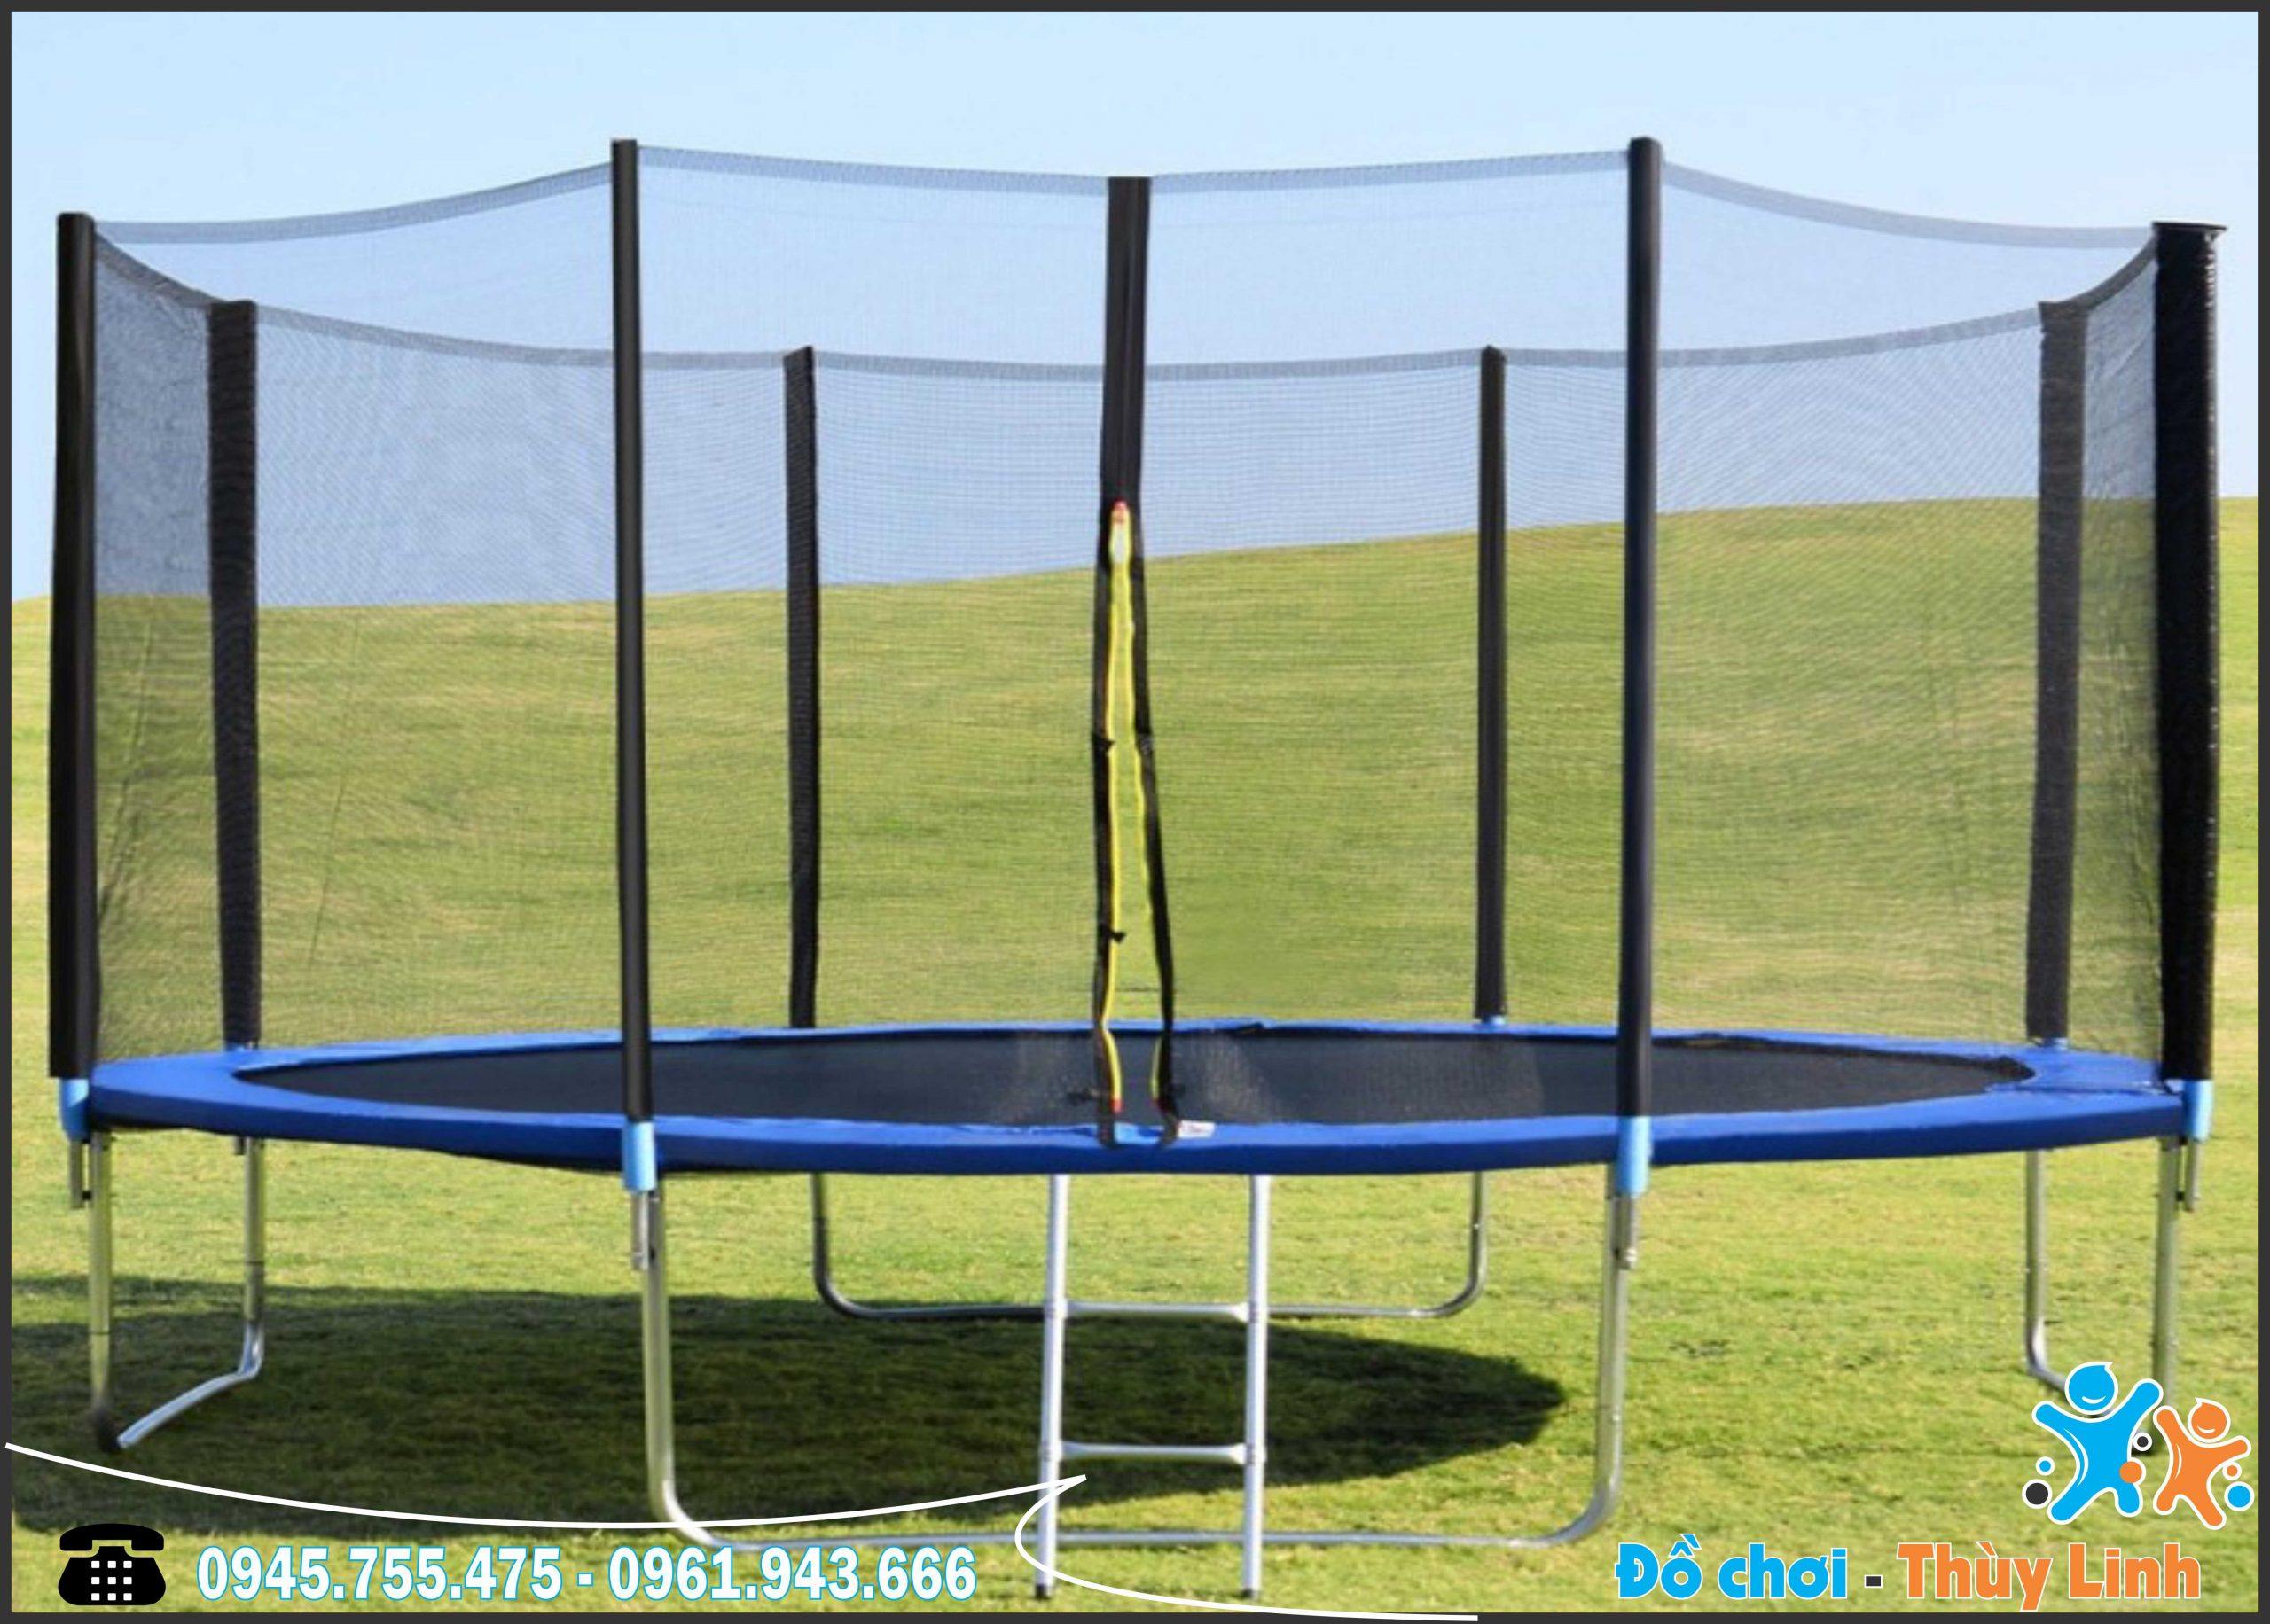 Sàn Nhún Trampoline ĐK 3m – Mẫu Đang Được Ưa Chuộng